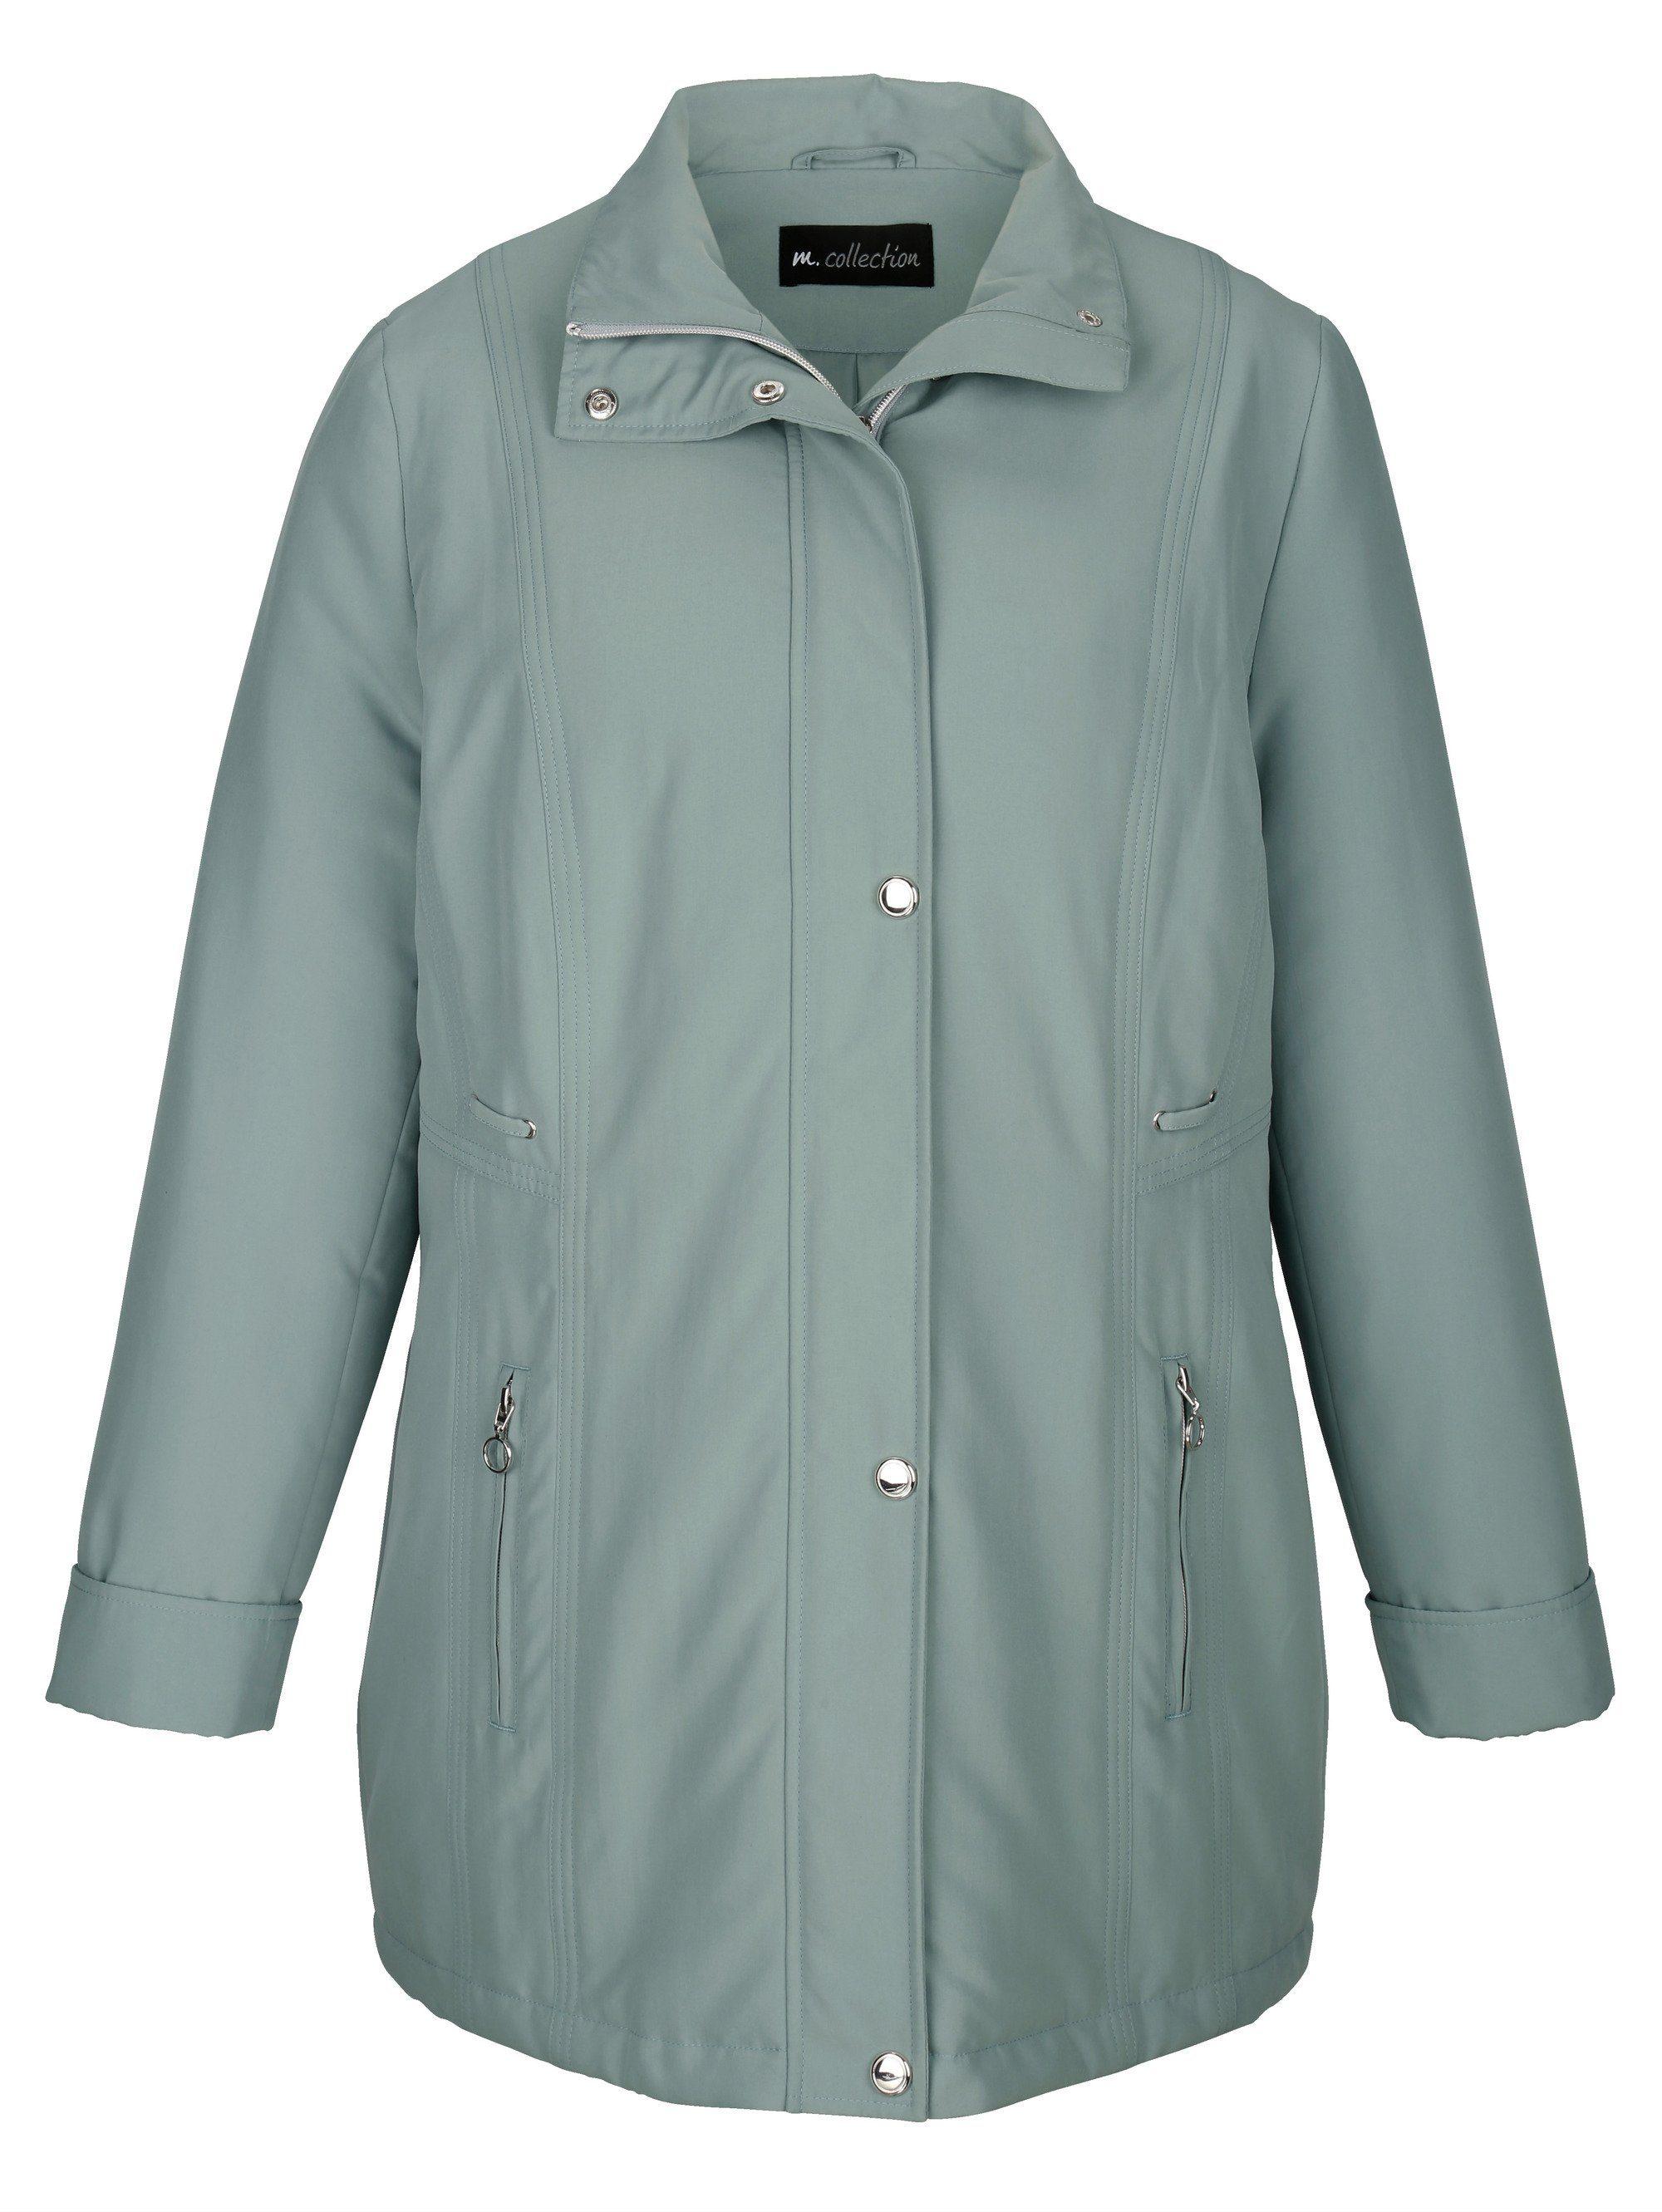 m. collection Jacke mit praktischen Varioärmeln